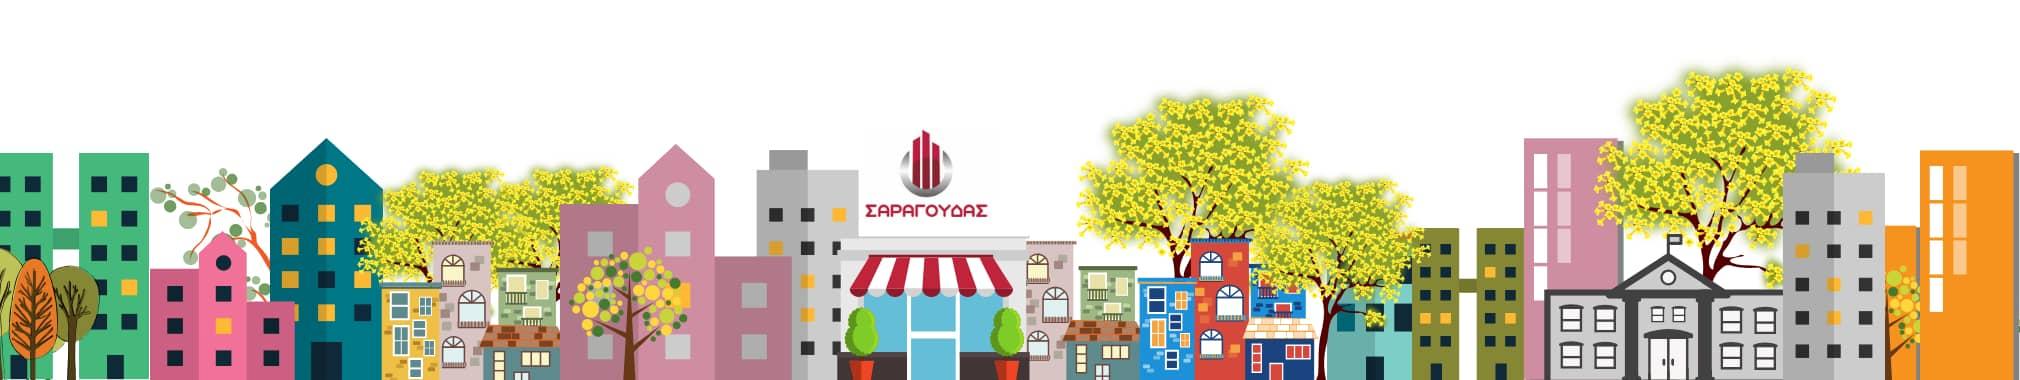 <a href='https://www.saragoudas.gr/ell/categories/Etaireia'>Για όμορφα σπίτια και επαγγελματικούς χώρους με προσωπικότητα!</a>